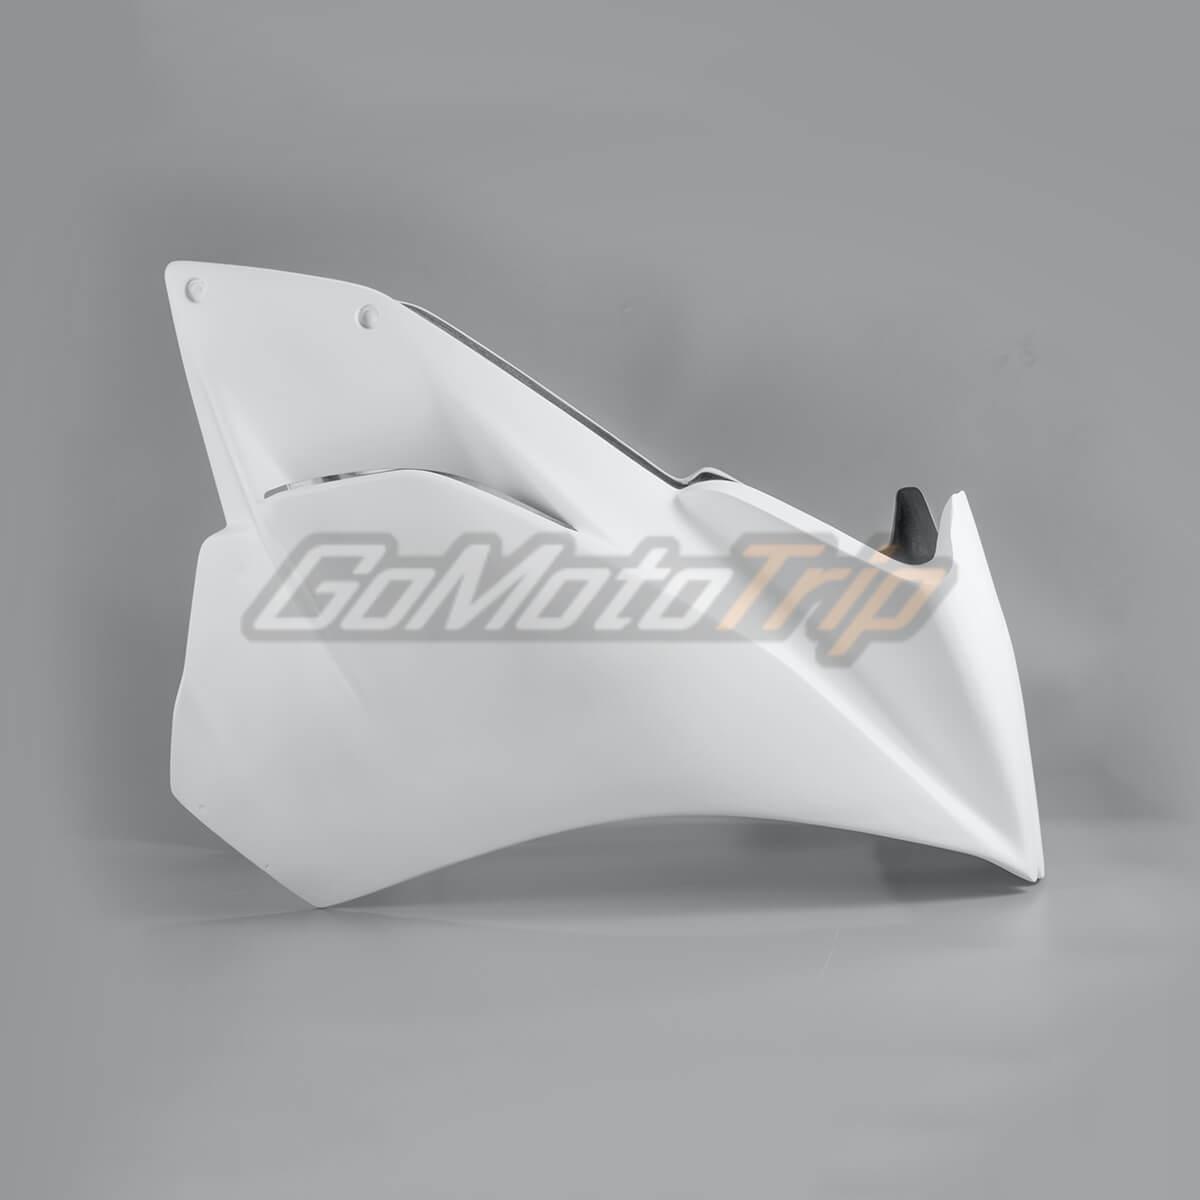 KTM RC390 Race Bodywork Unpainted 3